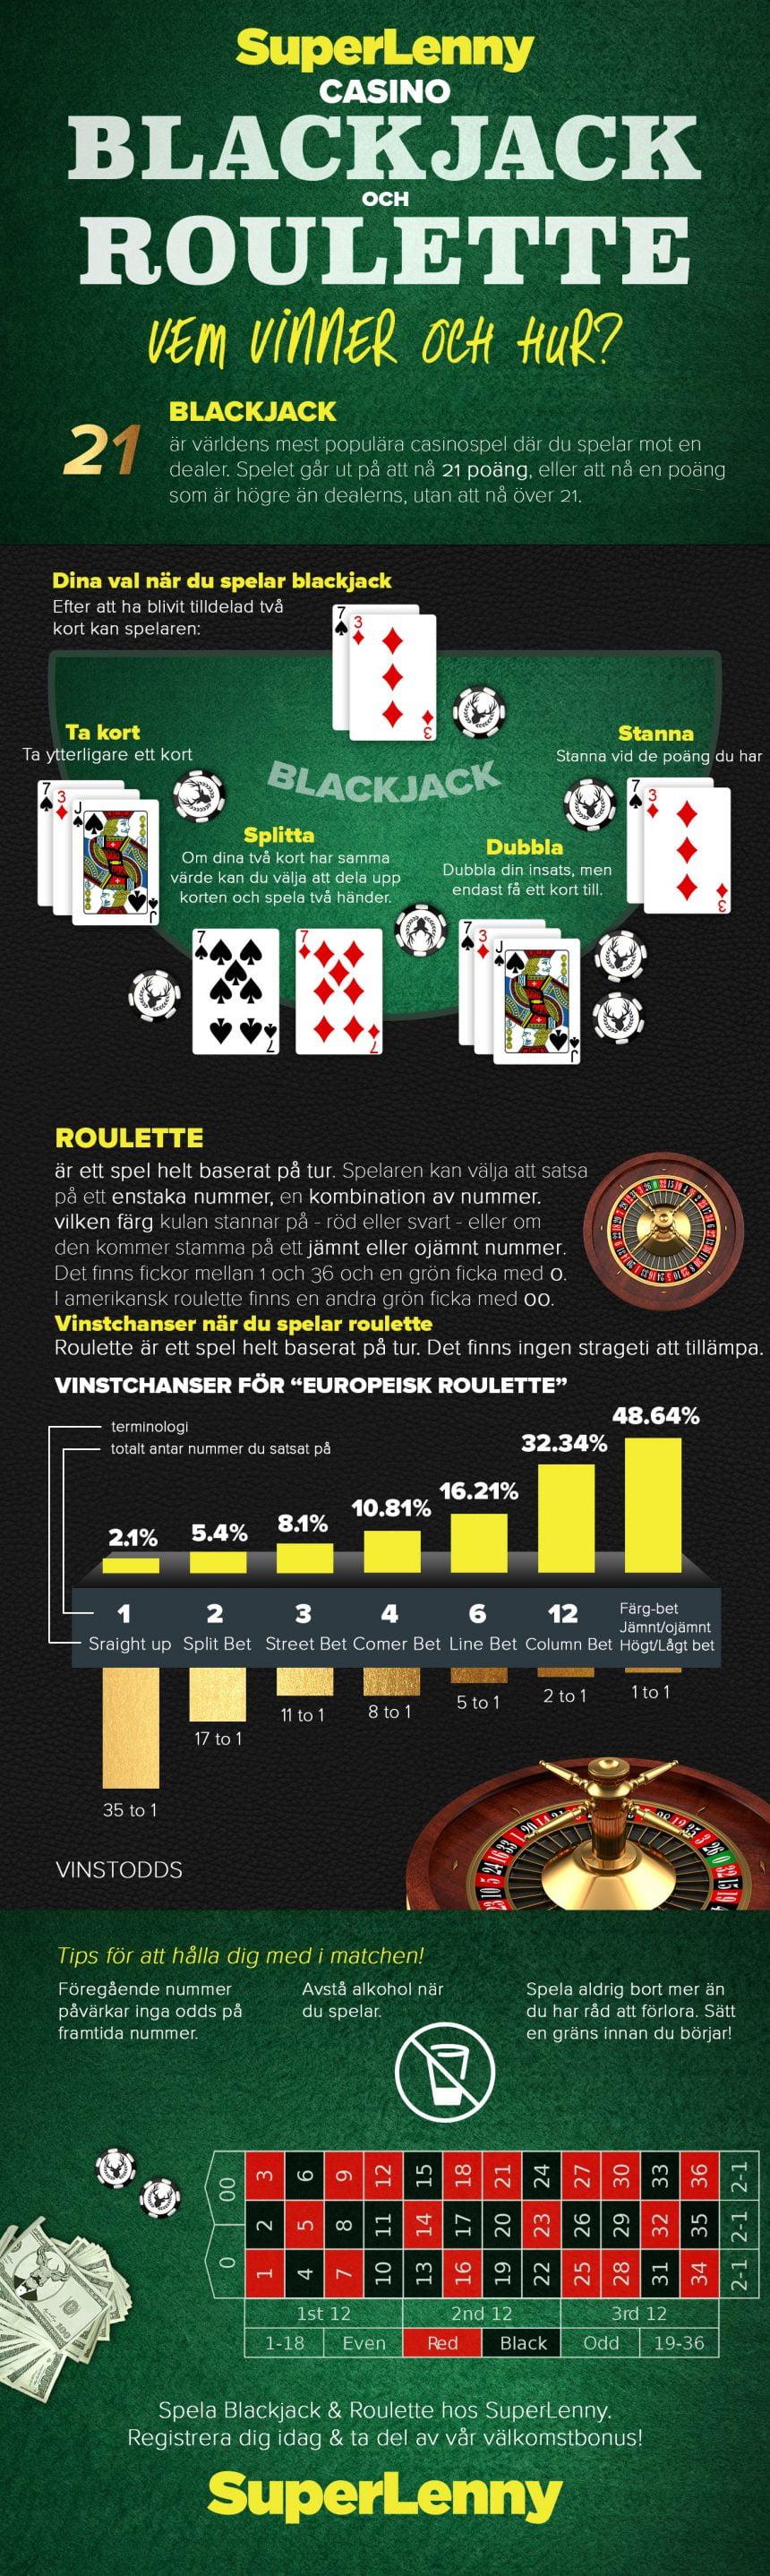 Bezique kortspel regler - 54728